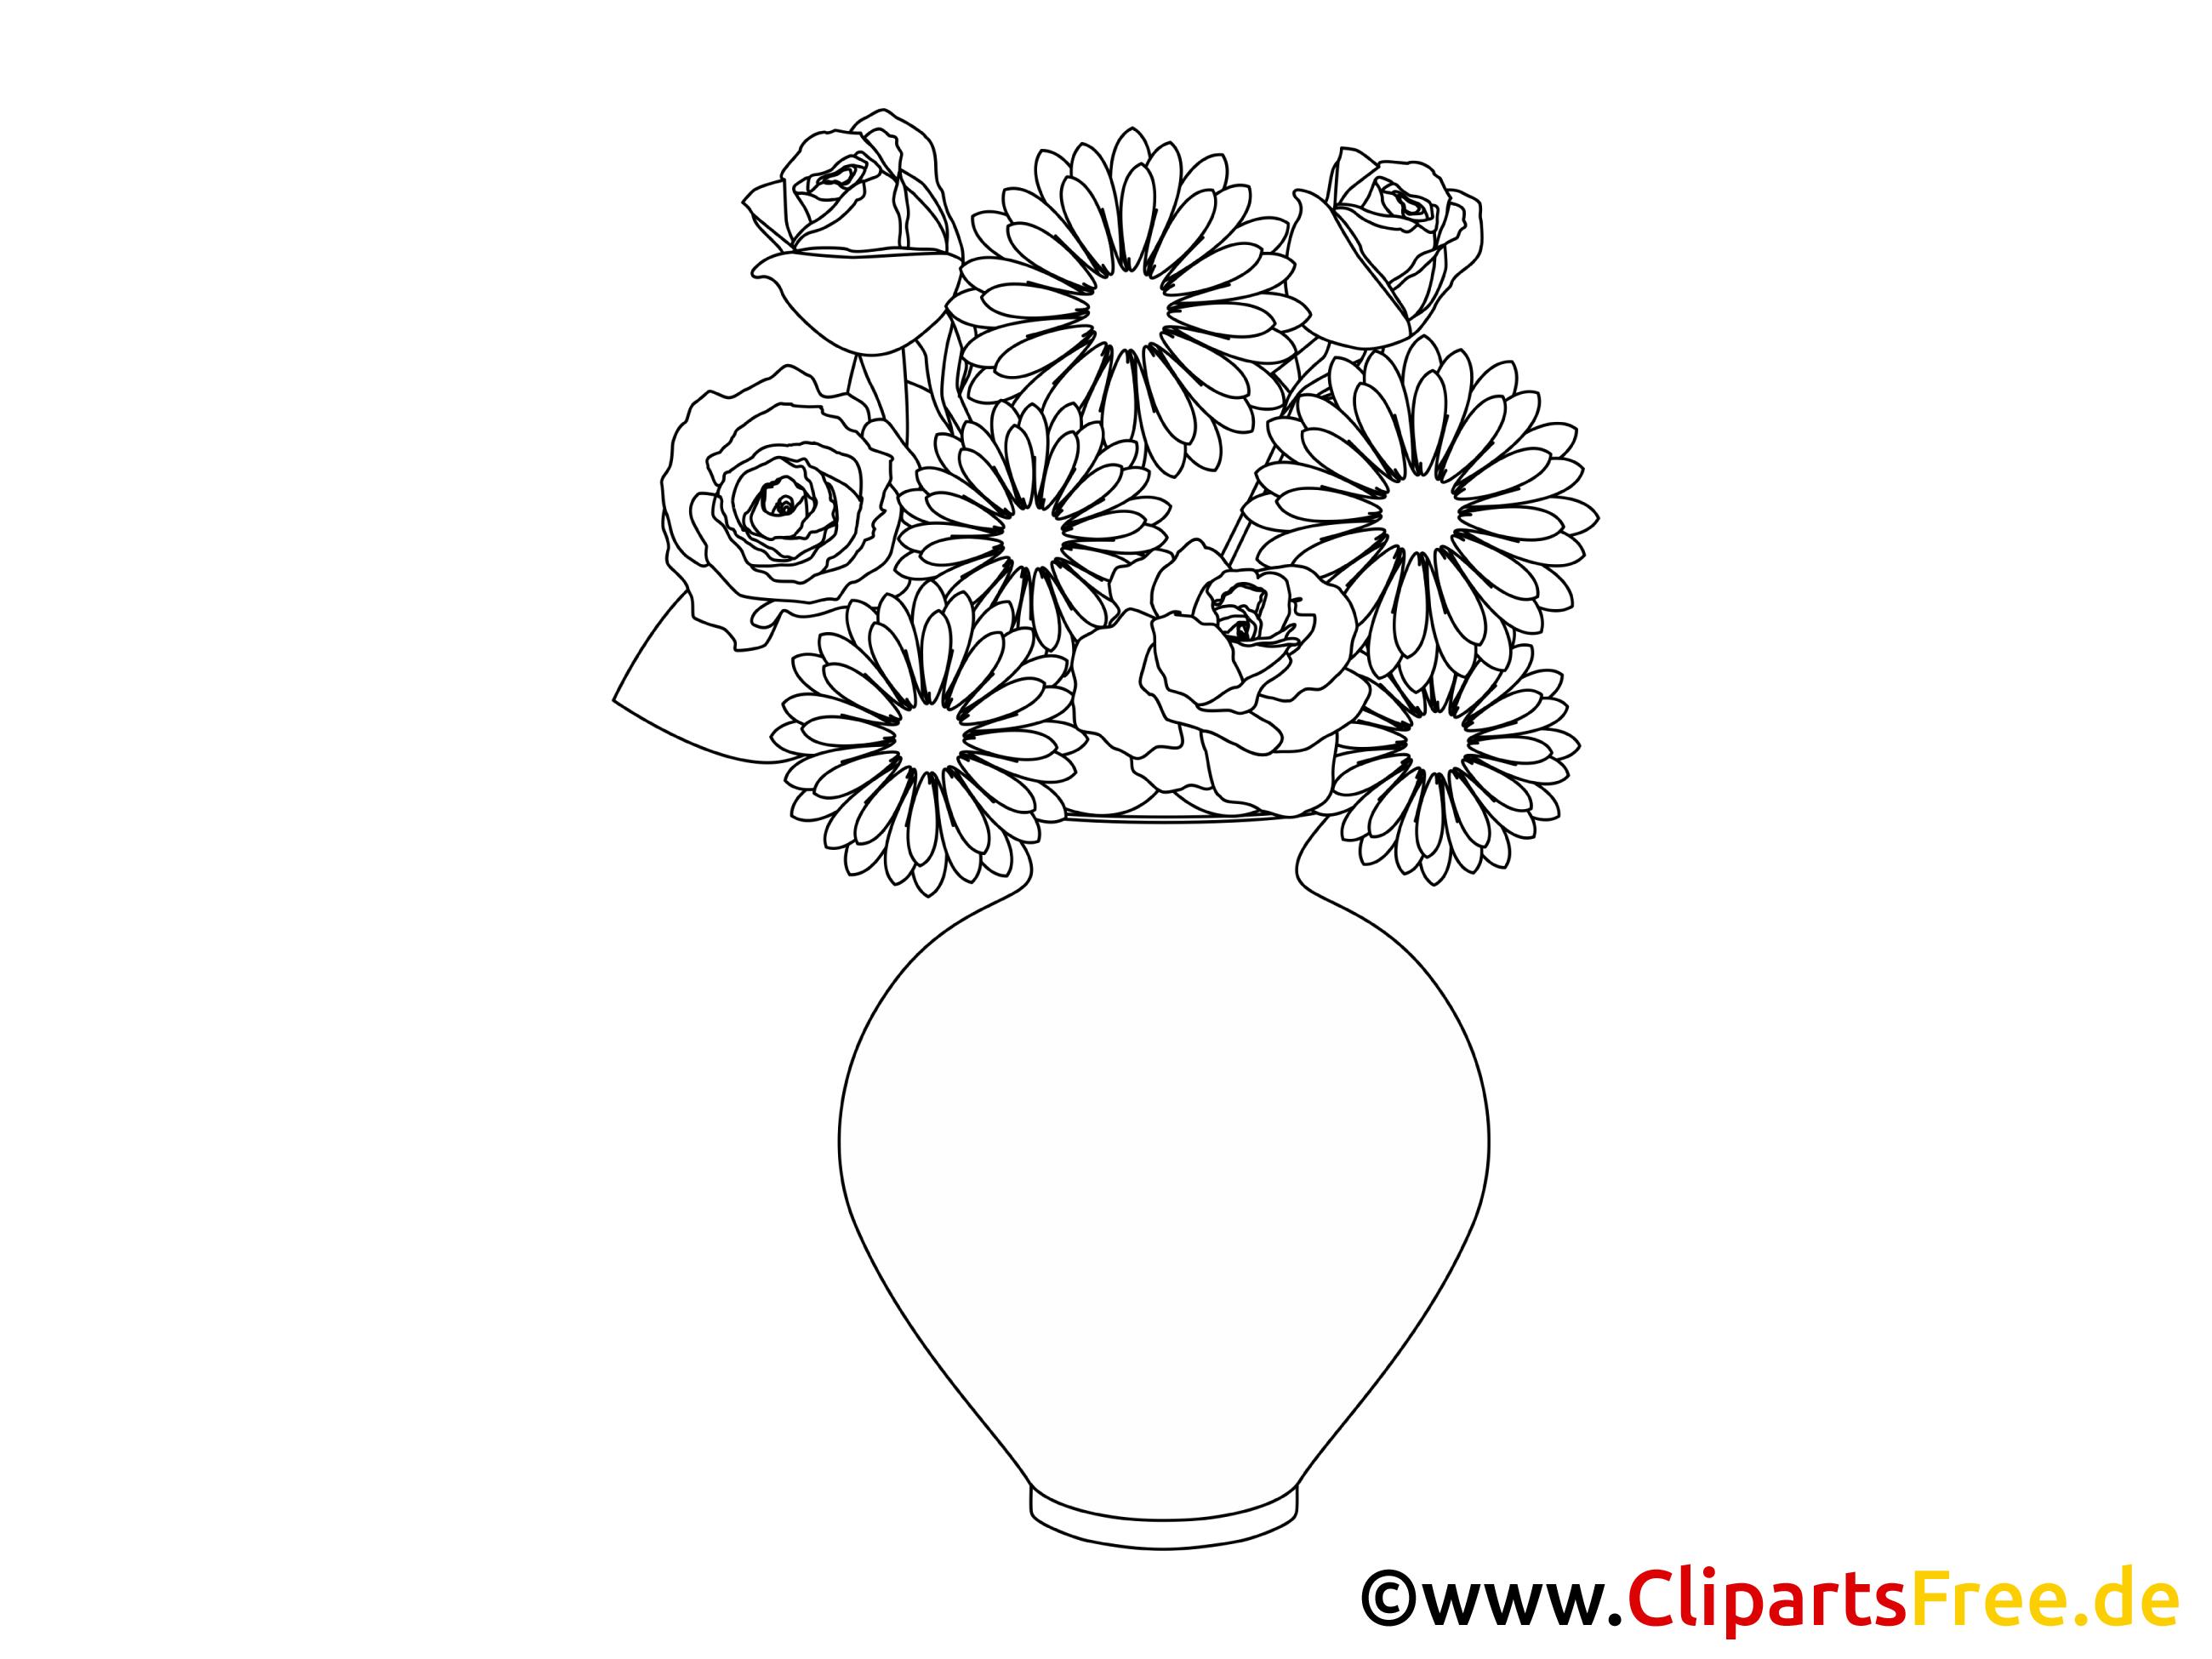 Blumenvase Malbild